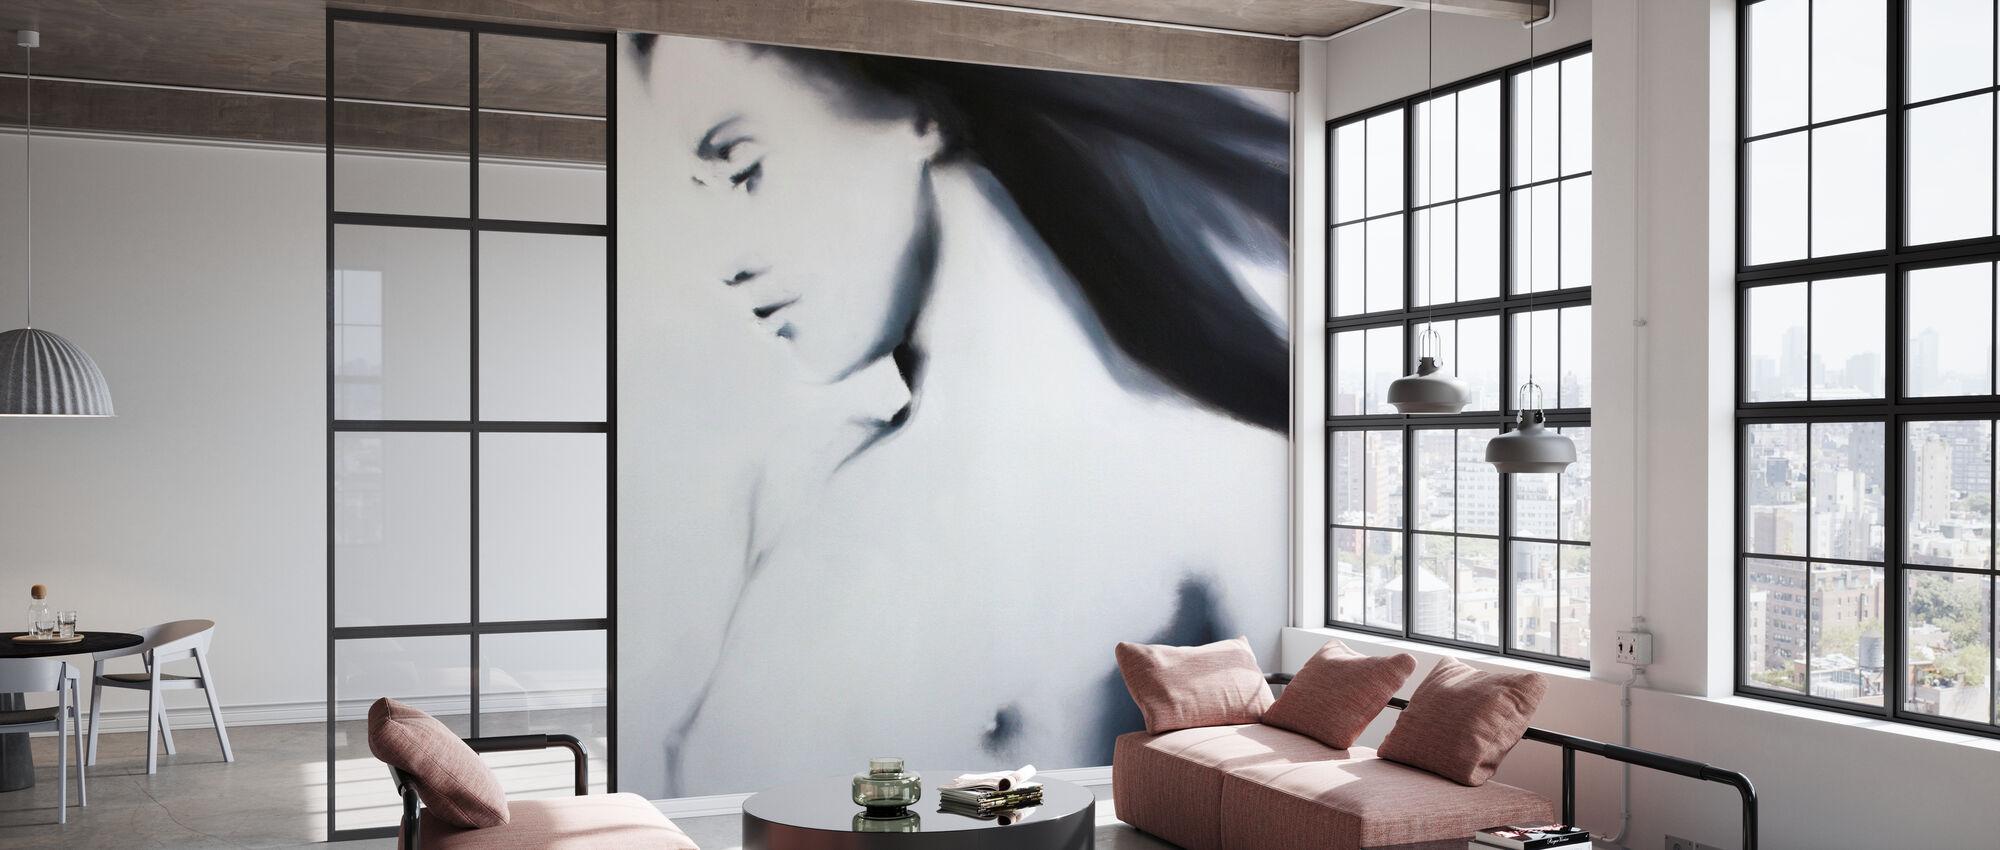 Karla Black and White - Wallpaper - Office